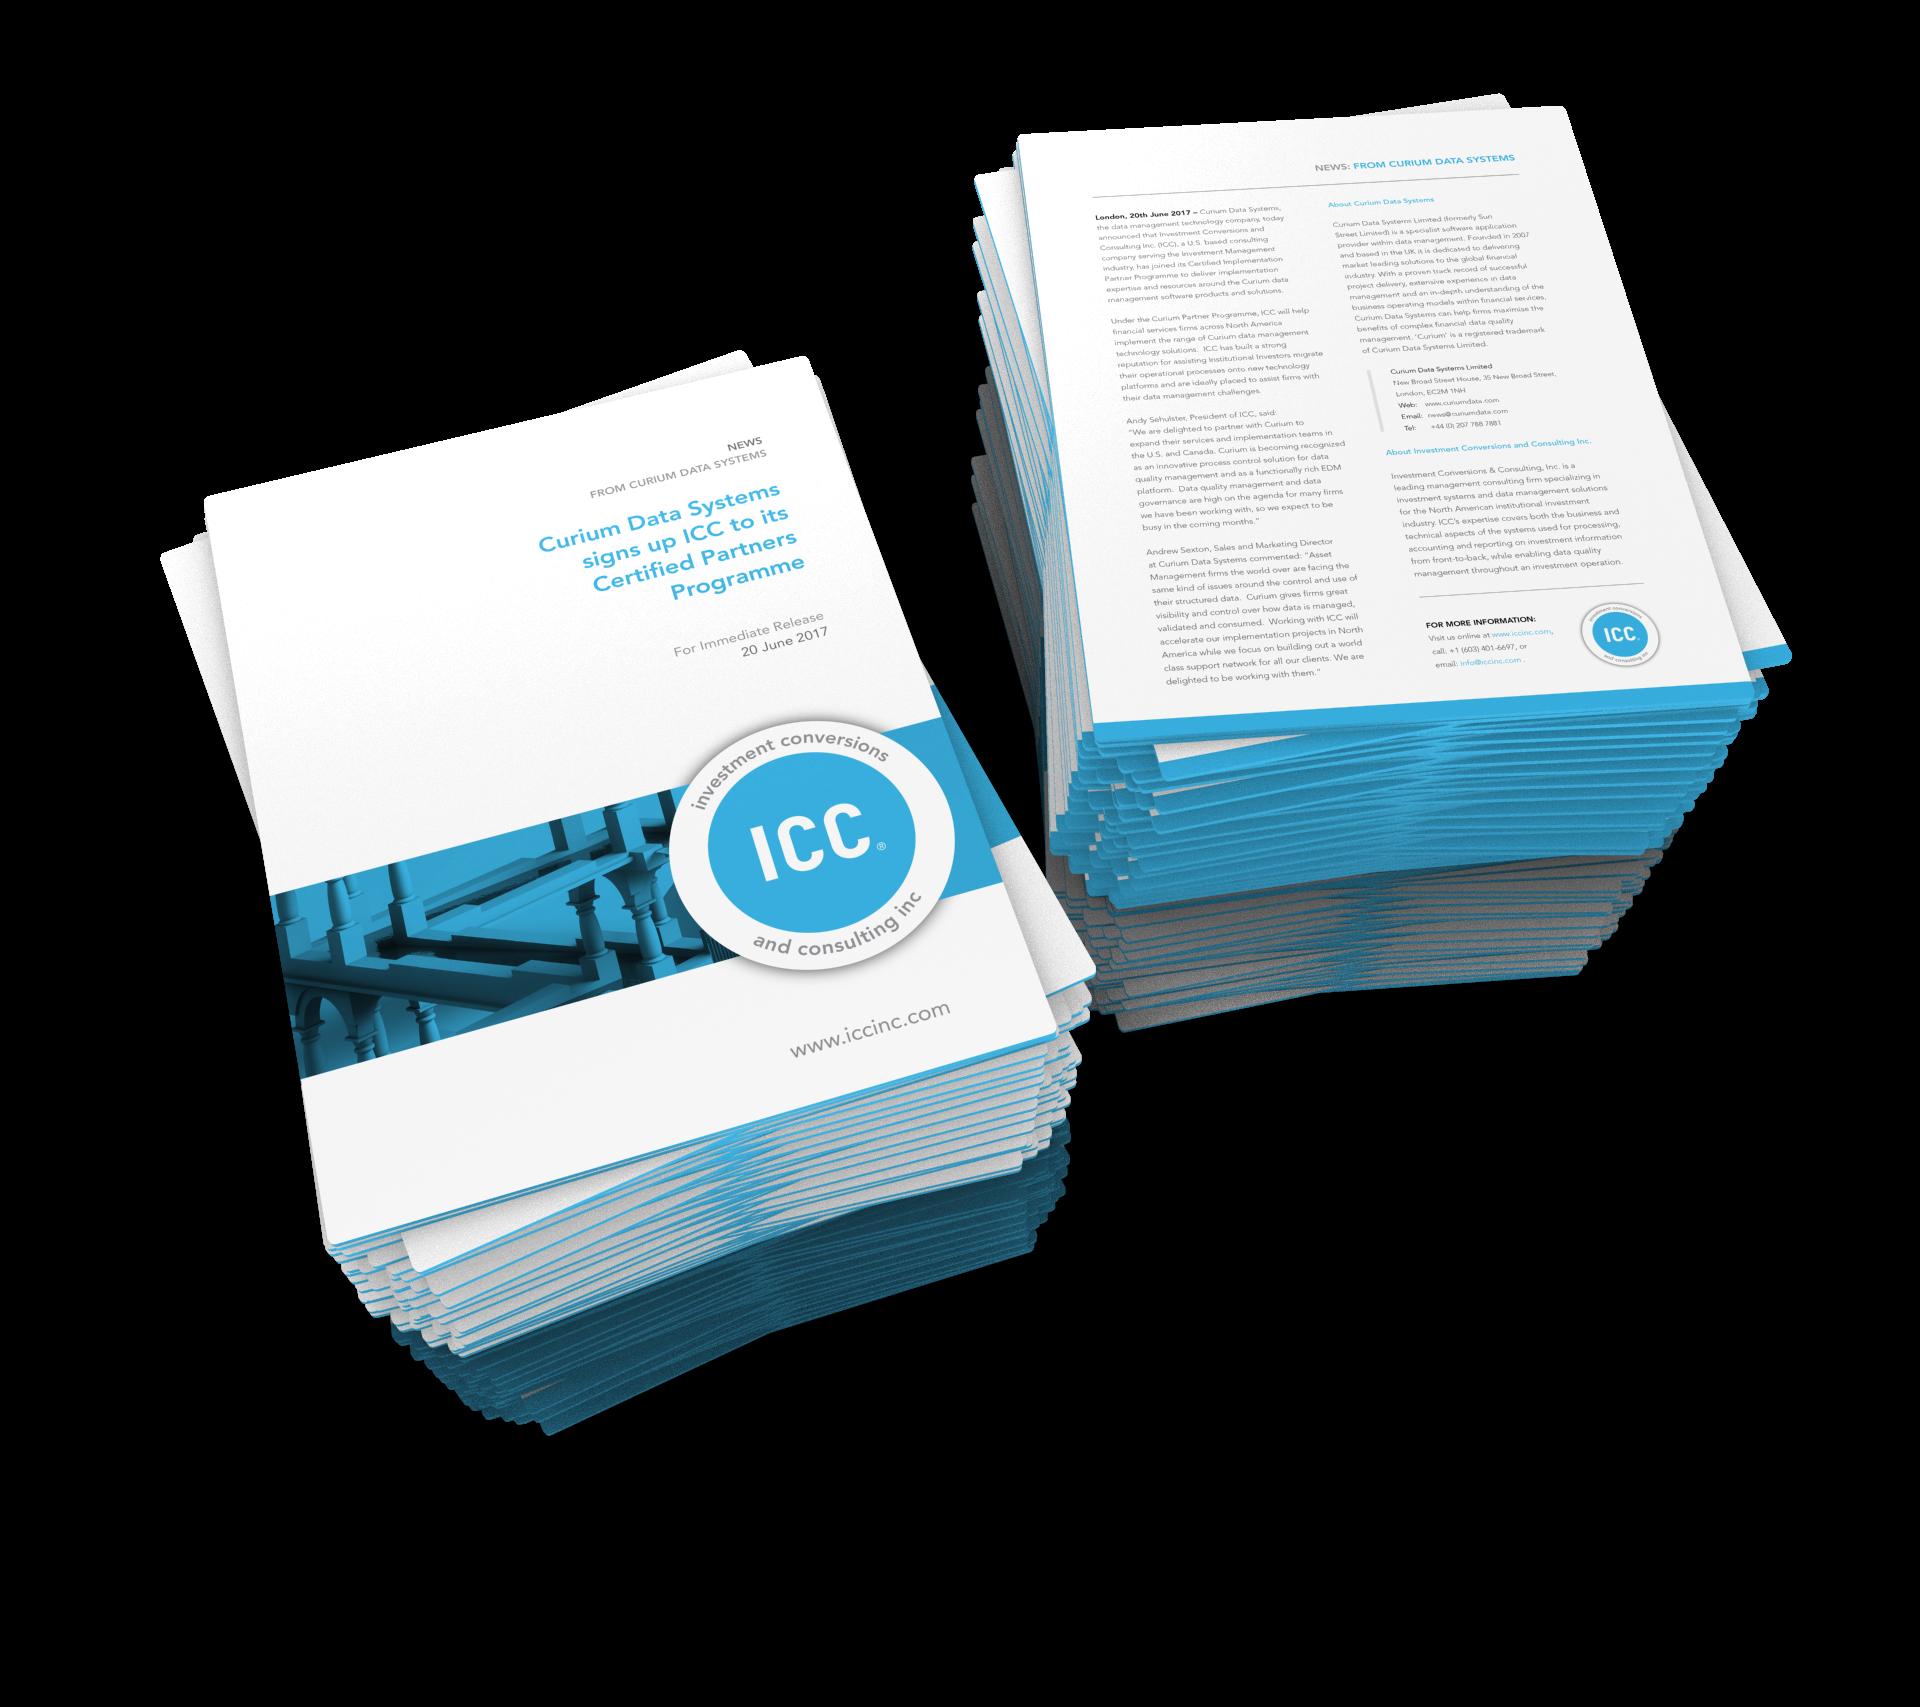 ICC Curium Release PDF Render